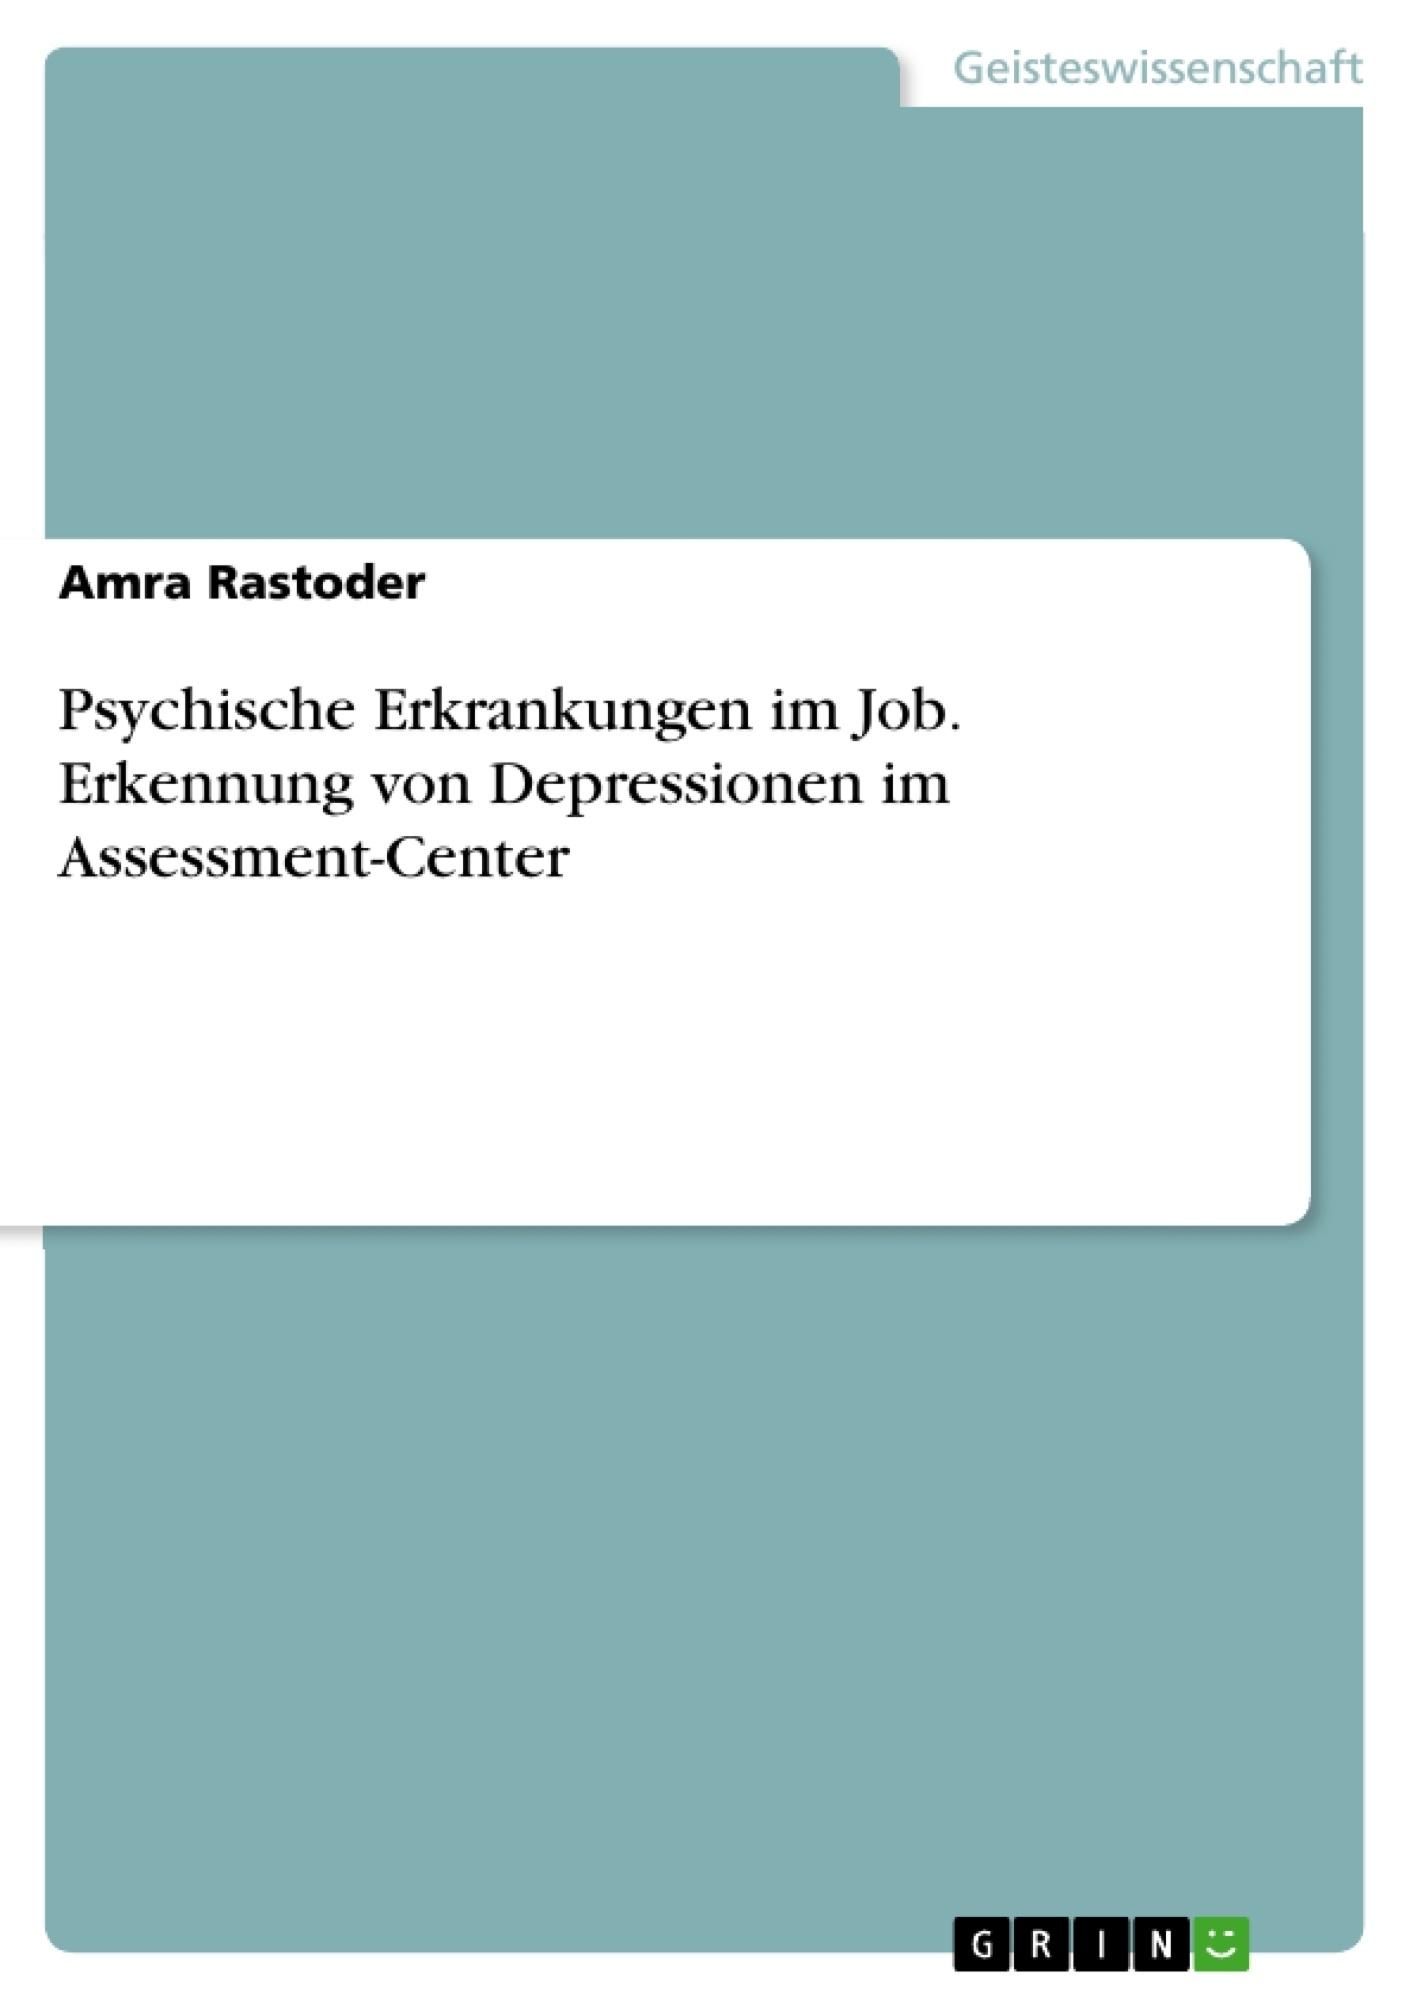 Titel: Psychische Erkrankungen im Job. Erkennung von Depressionen im Assessment-Center